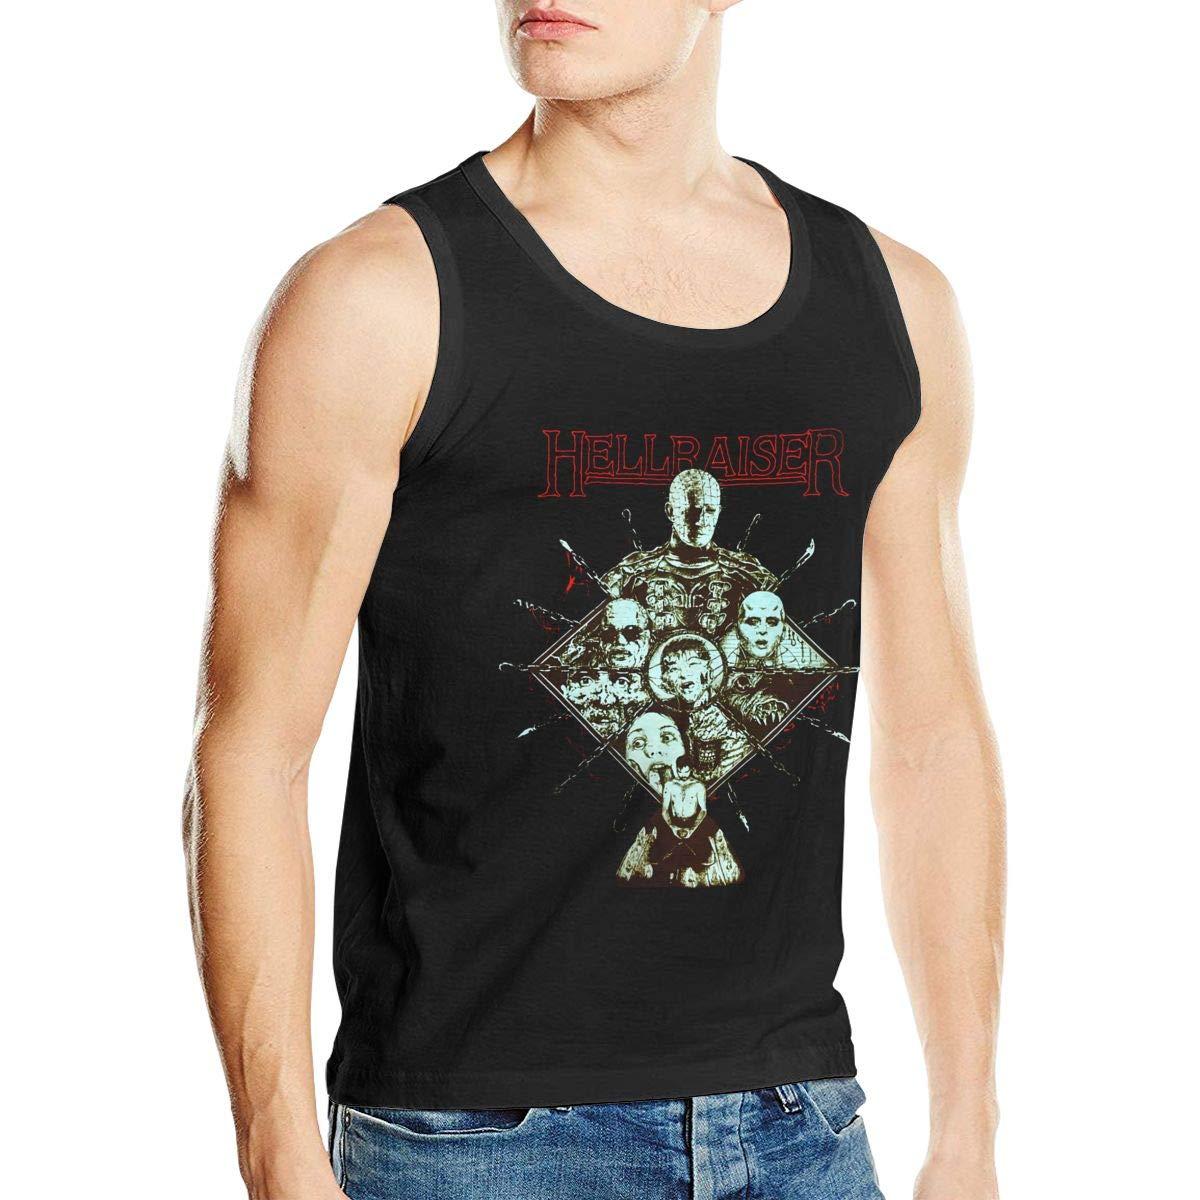 Emmanuelharrod Hellraiser Tank Tops Sleeveless T-shirts Black